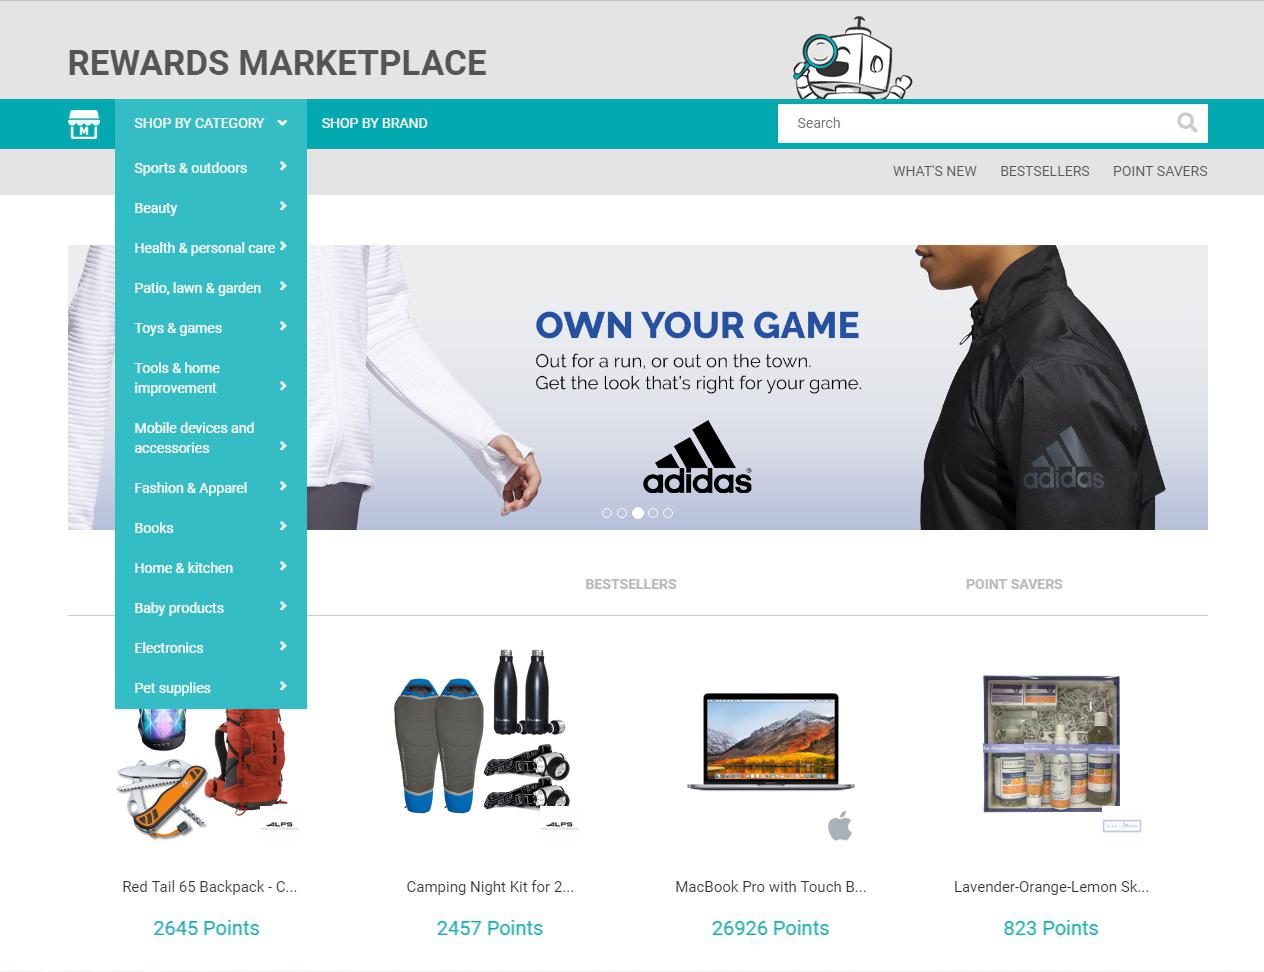 The Rewards Marketplace Image 3